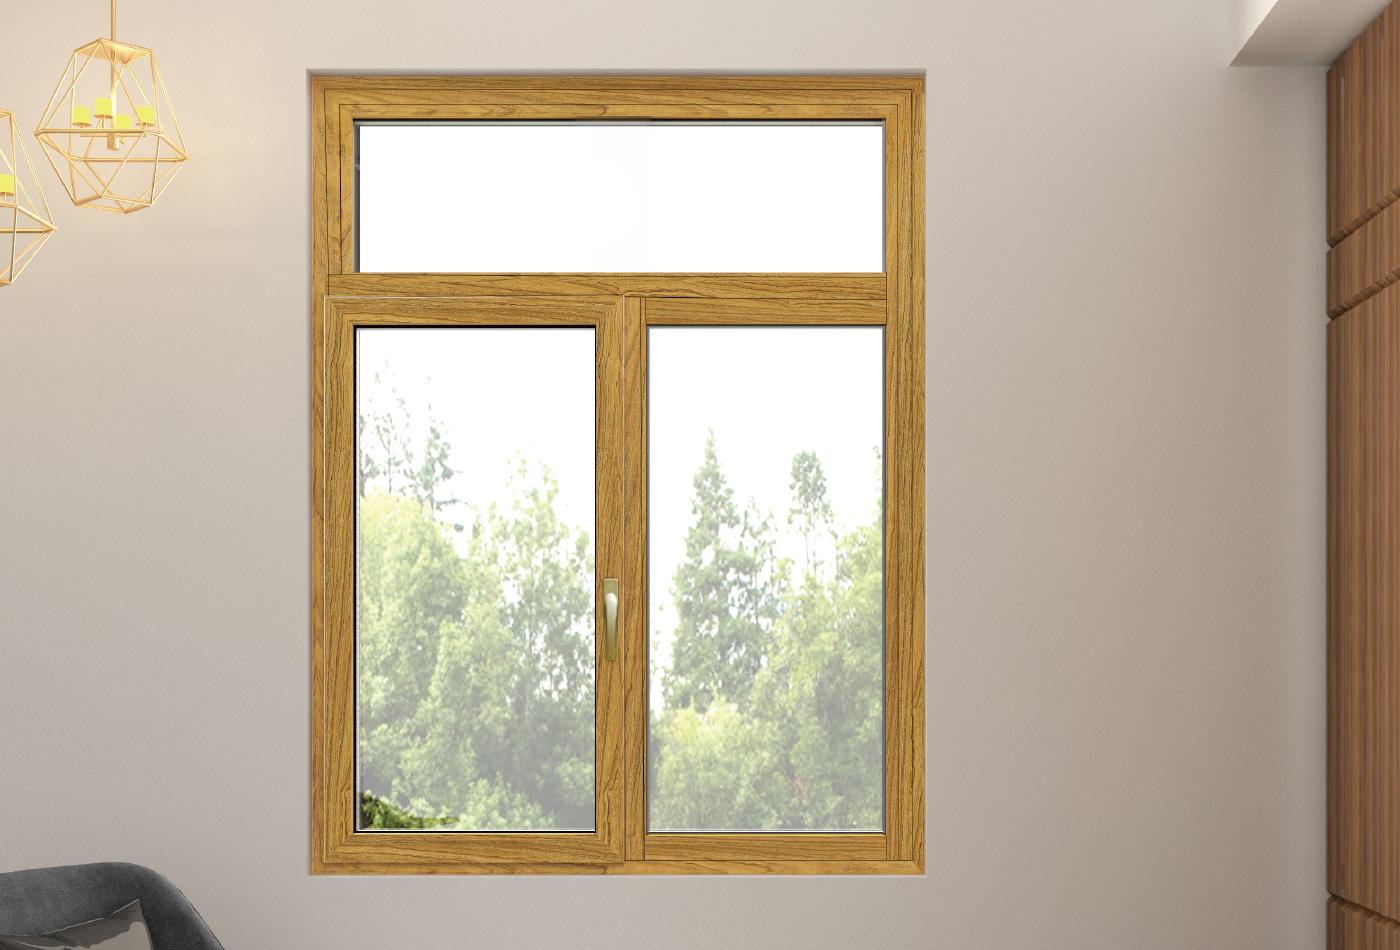 凤铝高端门窗-终极印刷版0109-40_05-06.jpg